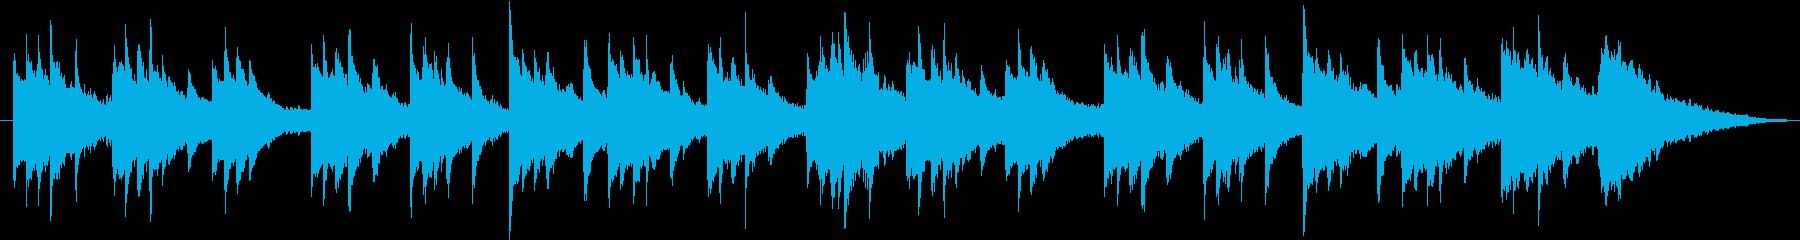 ピアノ 哀愁 ラブソング テーマ 感動の再生済みの波形